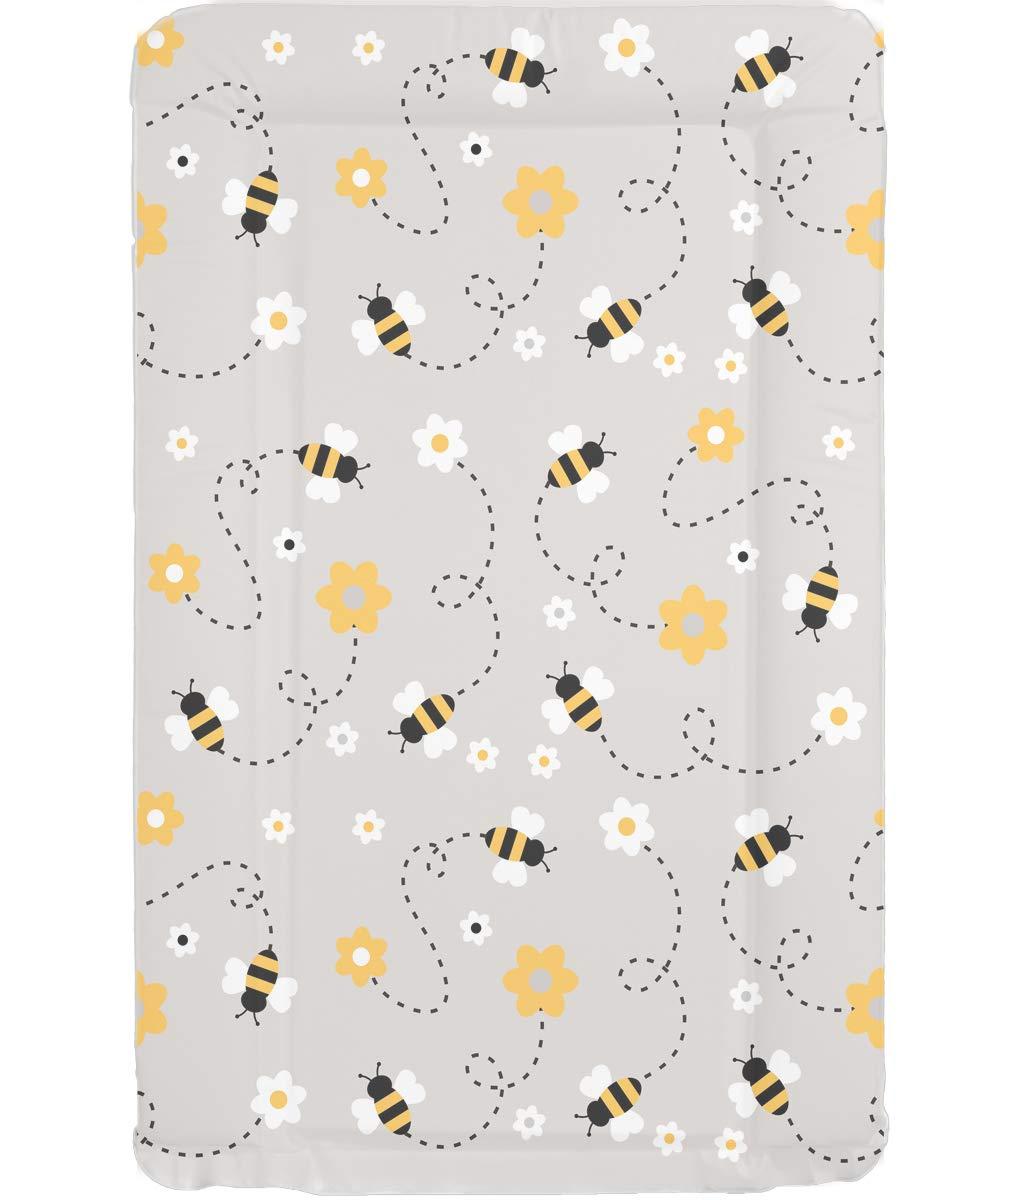 Hugl Motiv: Busy Bees Wasserdichte Wickelauflage 79 x 47 cm